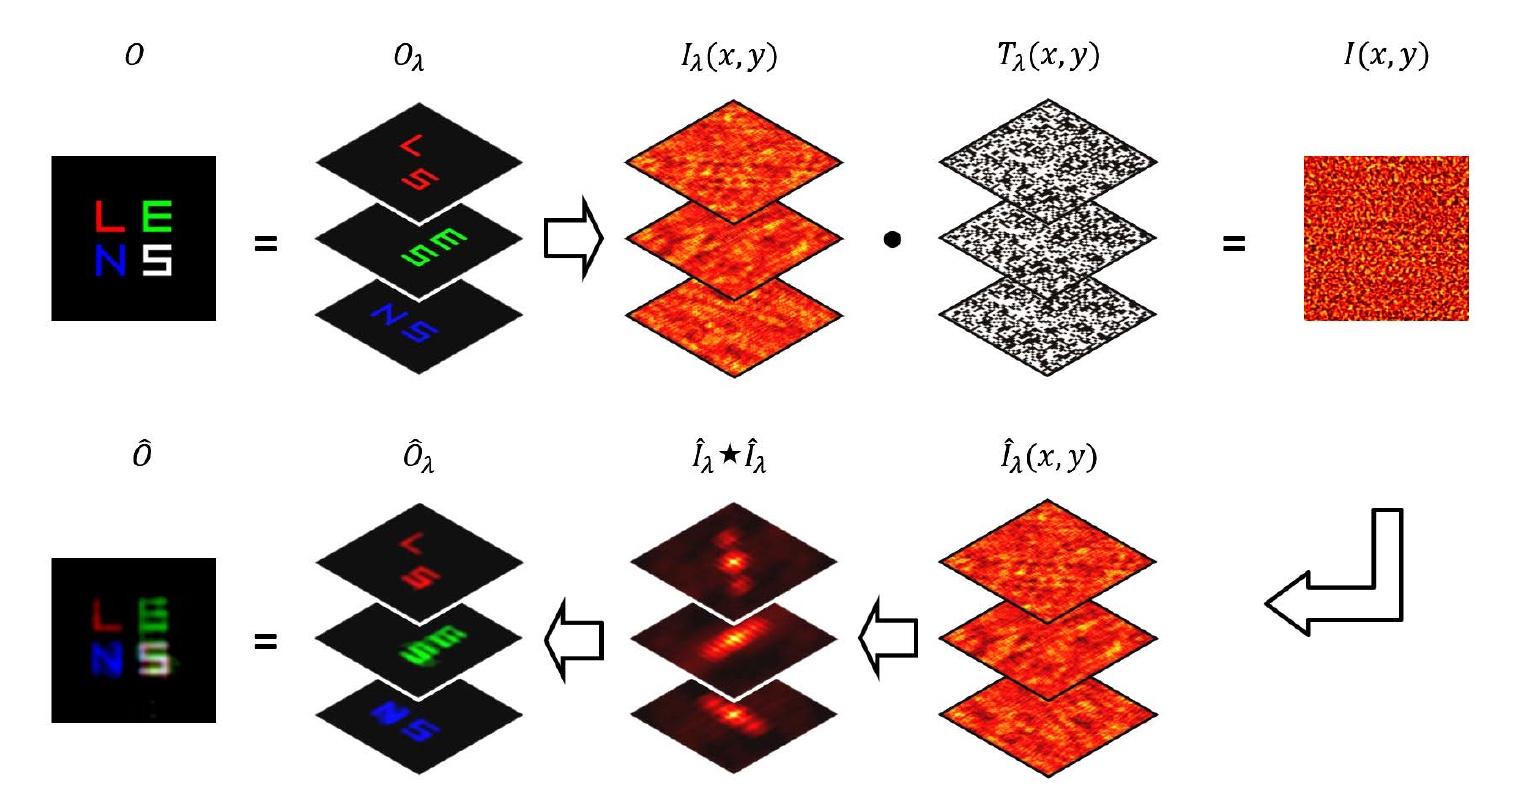 Увидеть почти невидимое, еще и в цвете: методика визуализации объектов через рассеиватель - 4